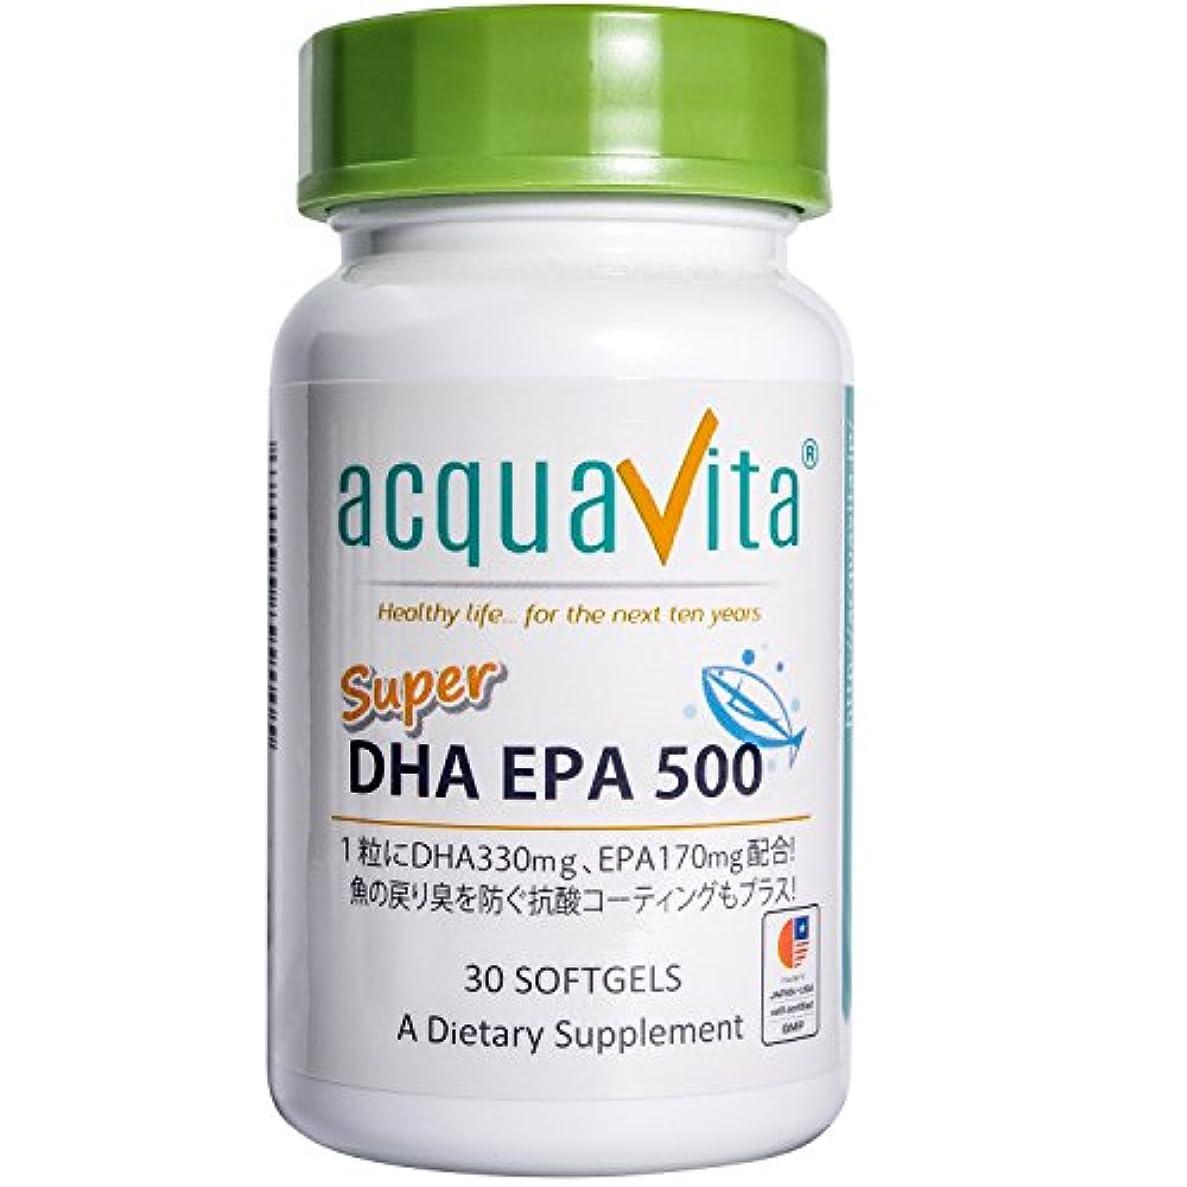 地獄深く部分acquavita(アクアヴィータ) スーパーDHAEPA500 30粒